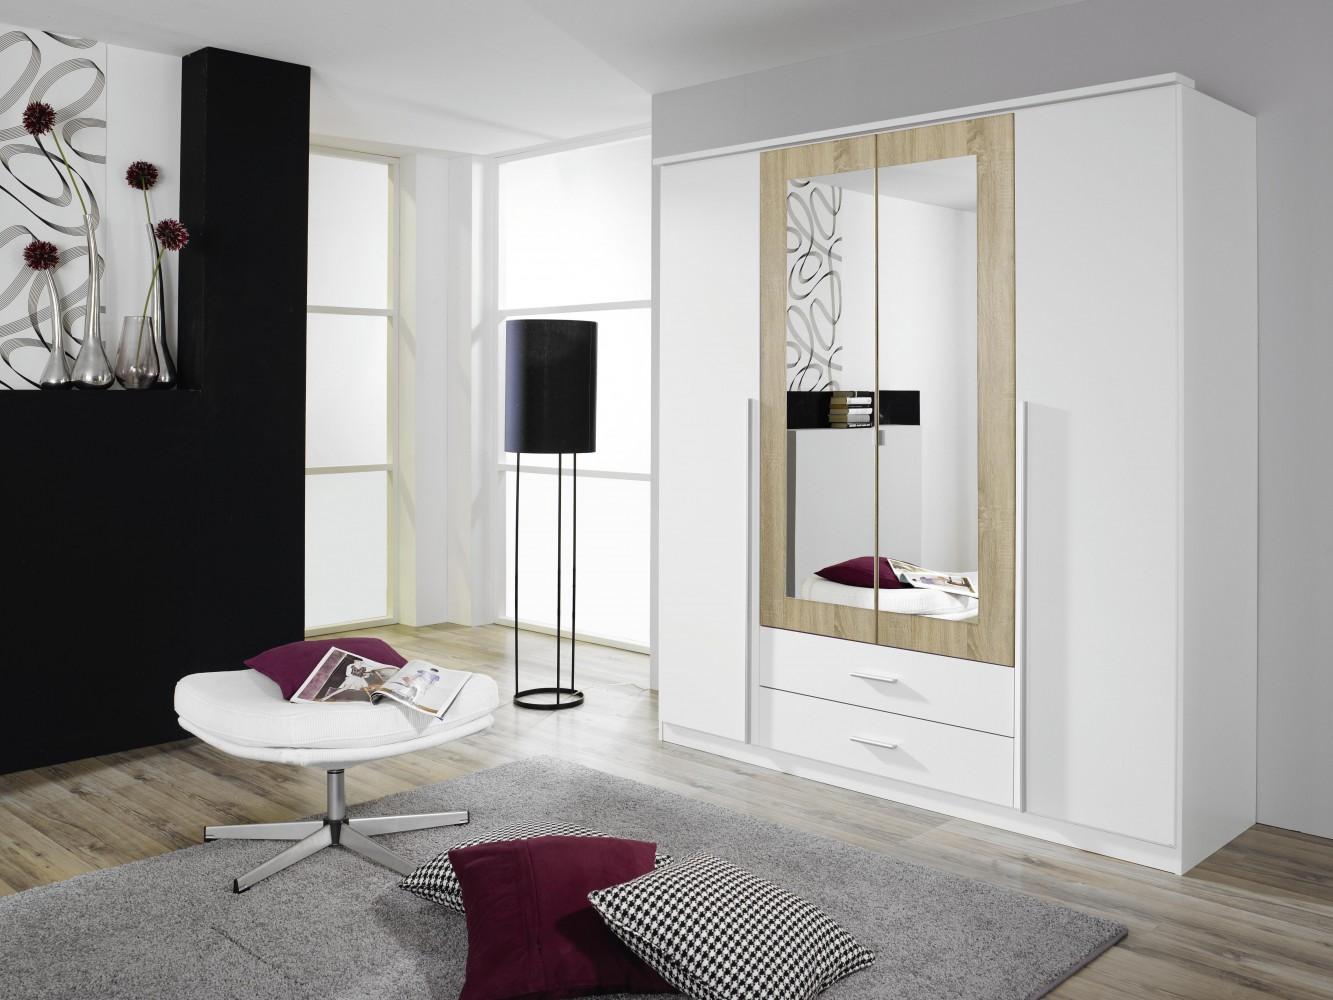 rauch krefeld kleiderschrank 4 trg alpinweiss eiche sonoma mit spiegel b181 cm. Black Bedroom Furniture Sets. Home Design Ideas